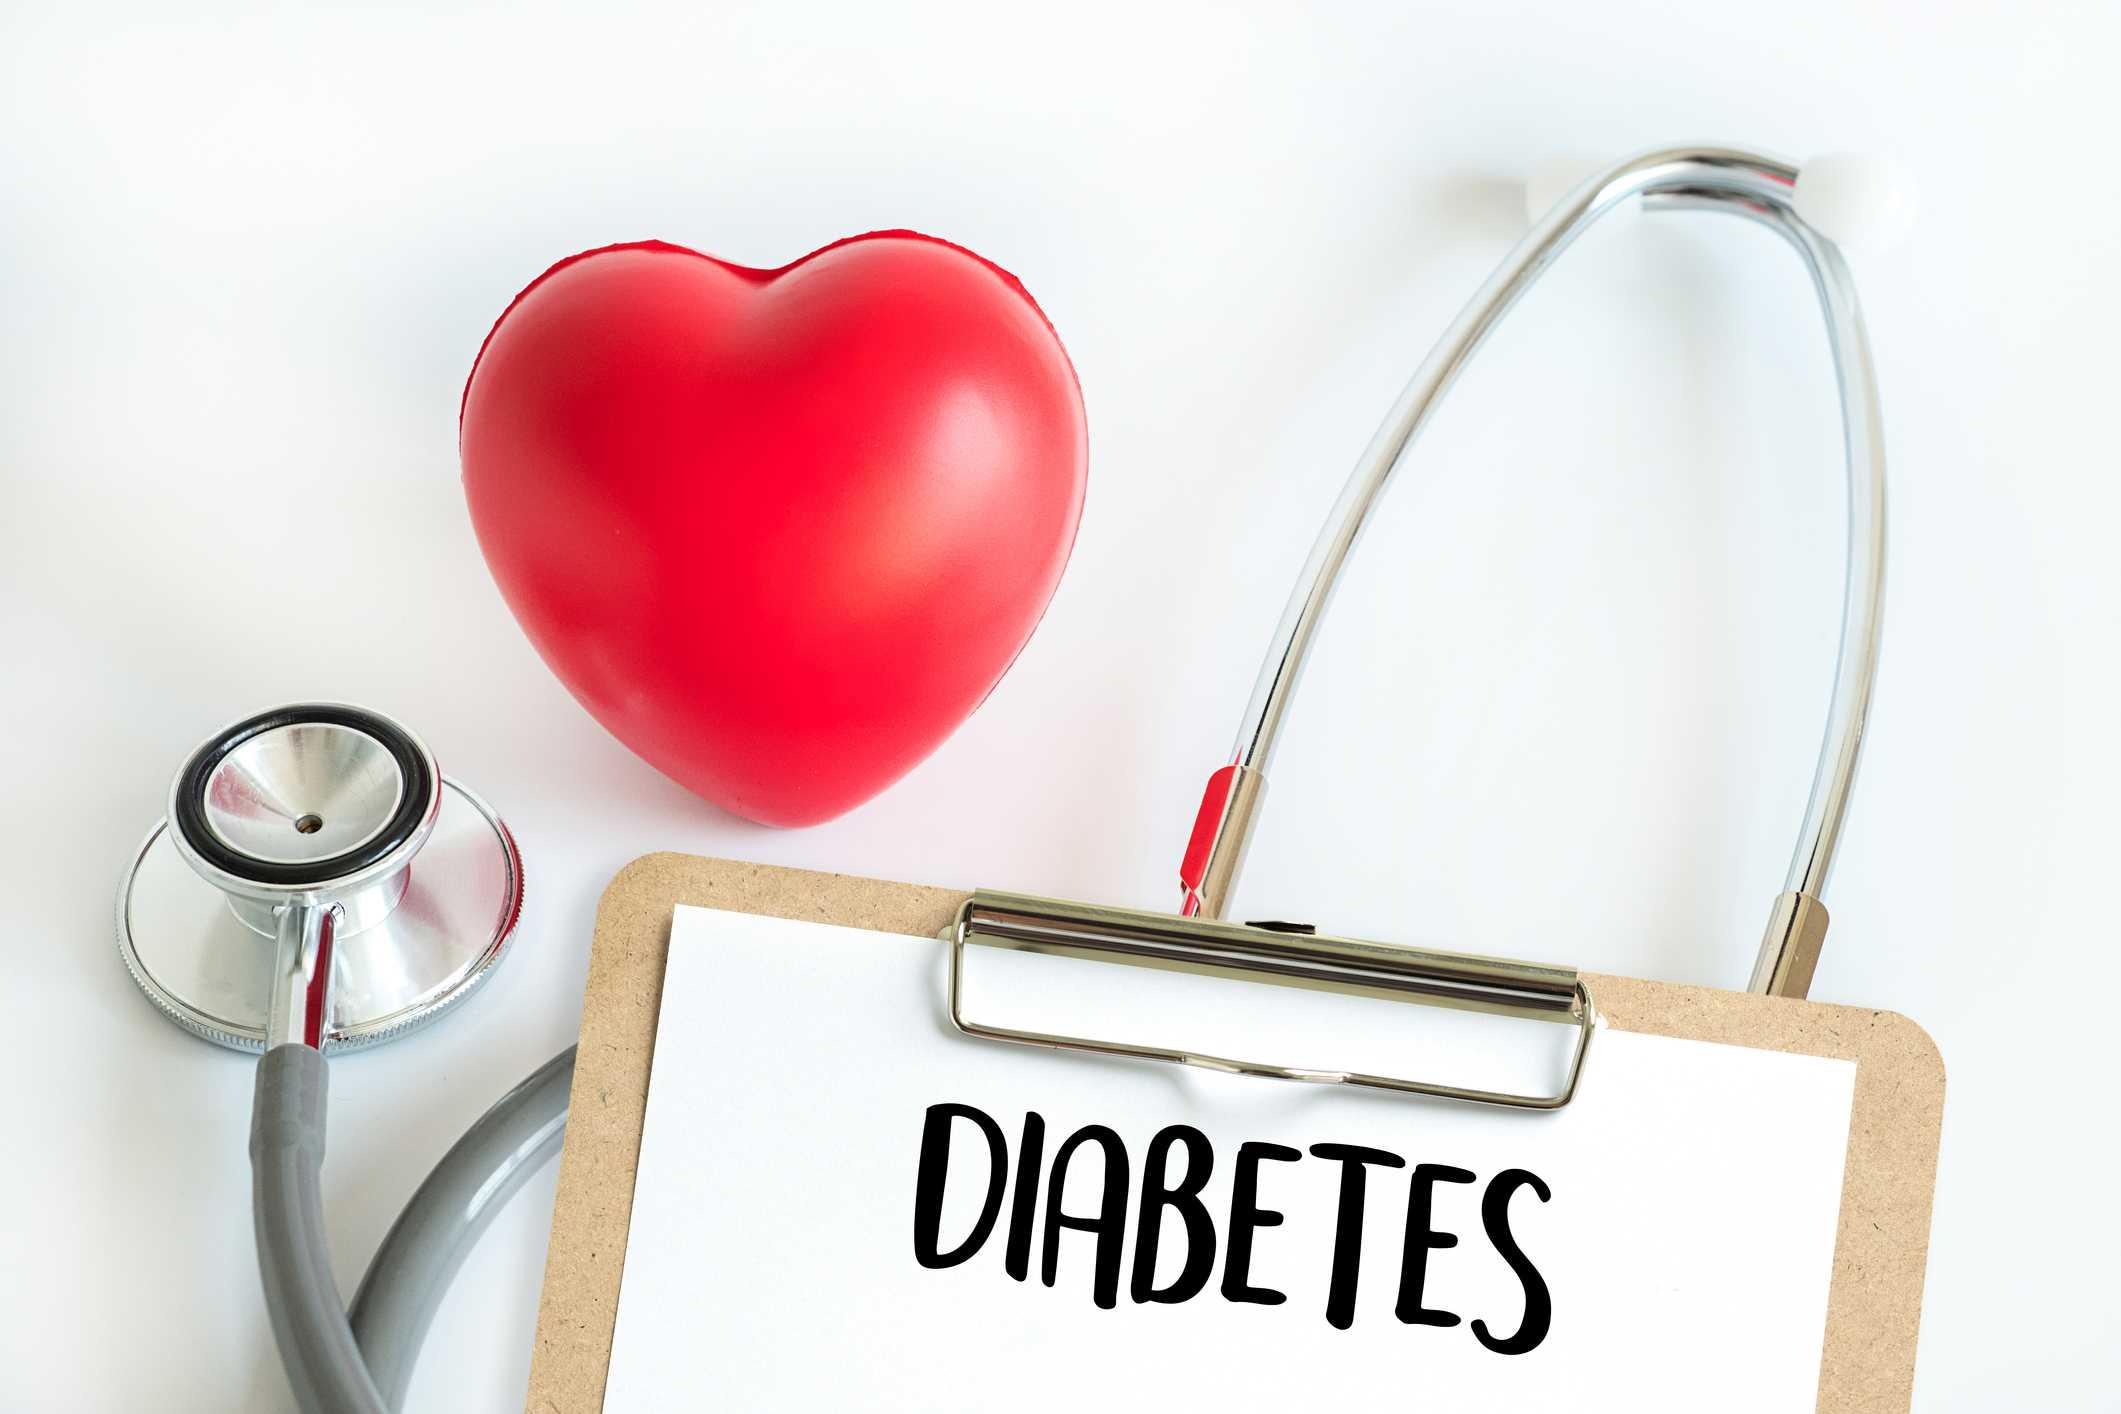 Tempat Pengobatan Diabetes di Tangerang dan Palembang Paling Populer